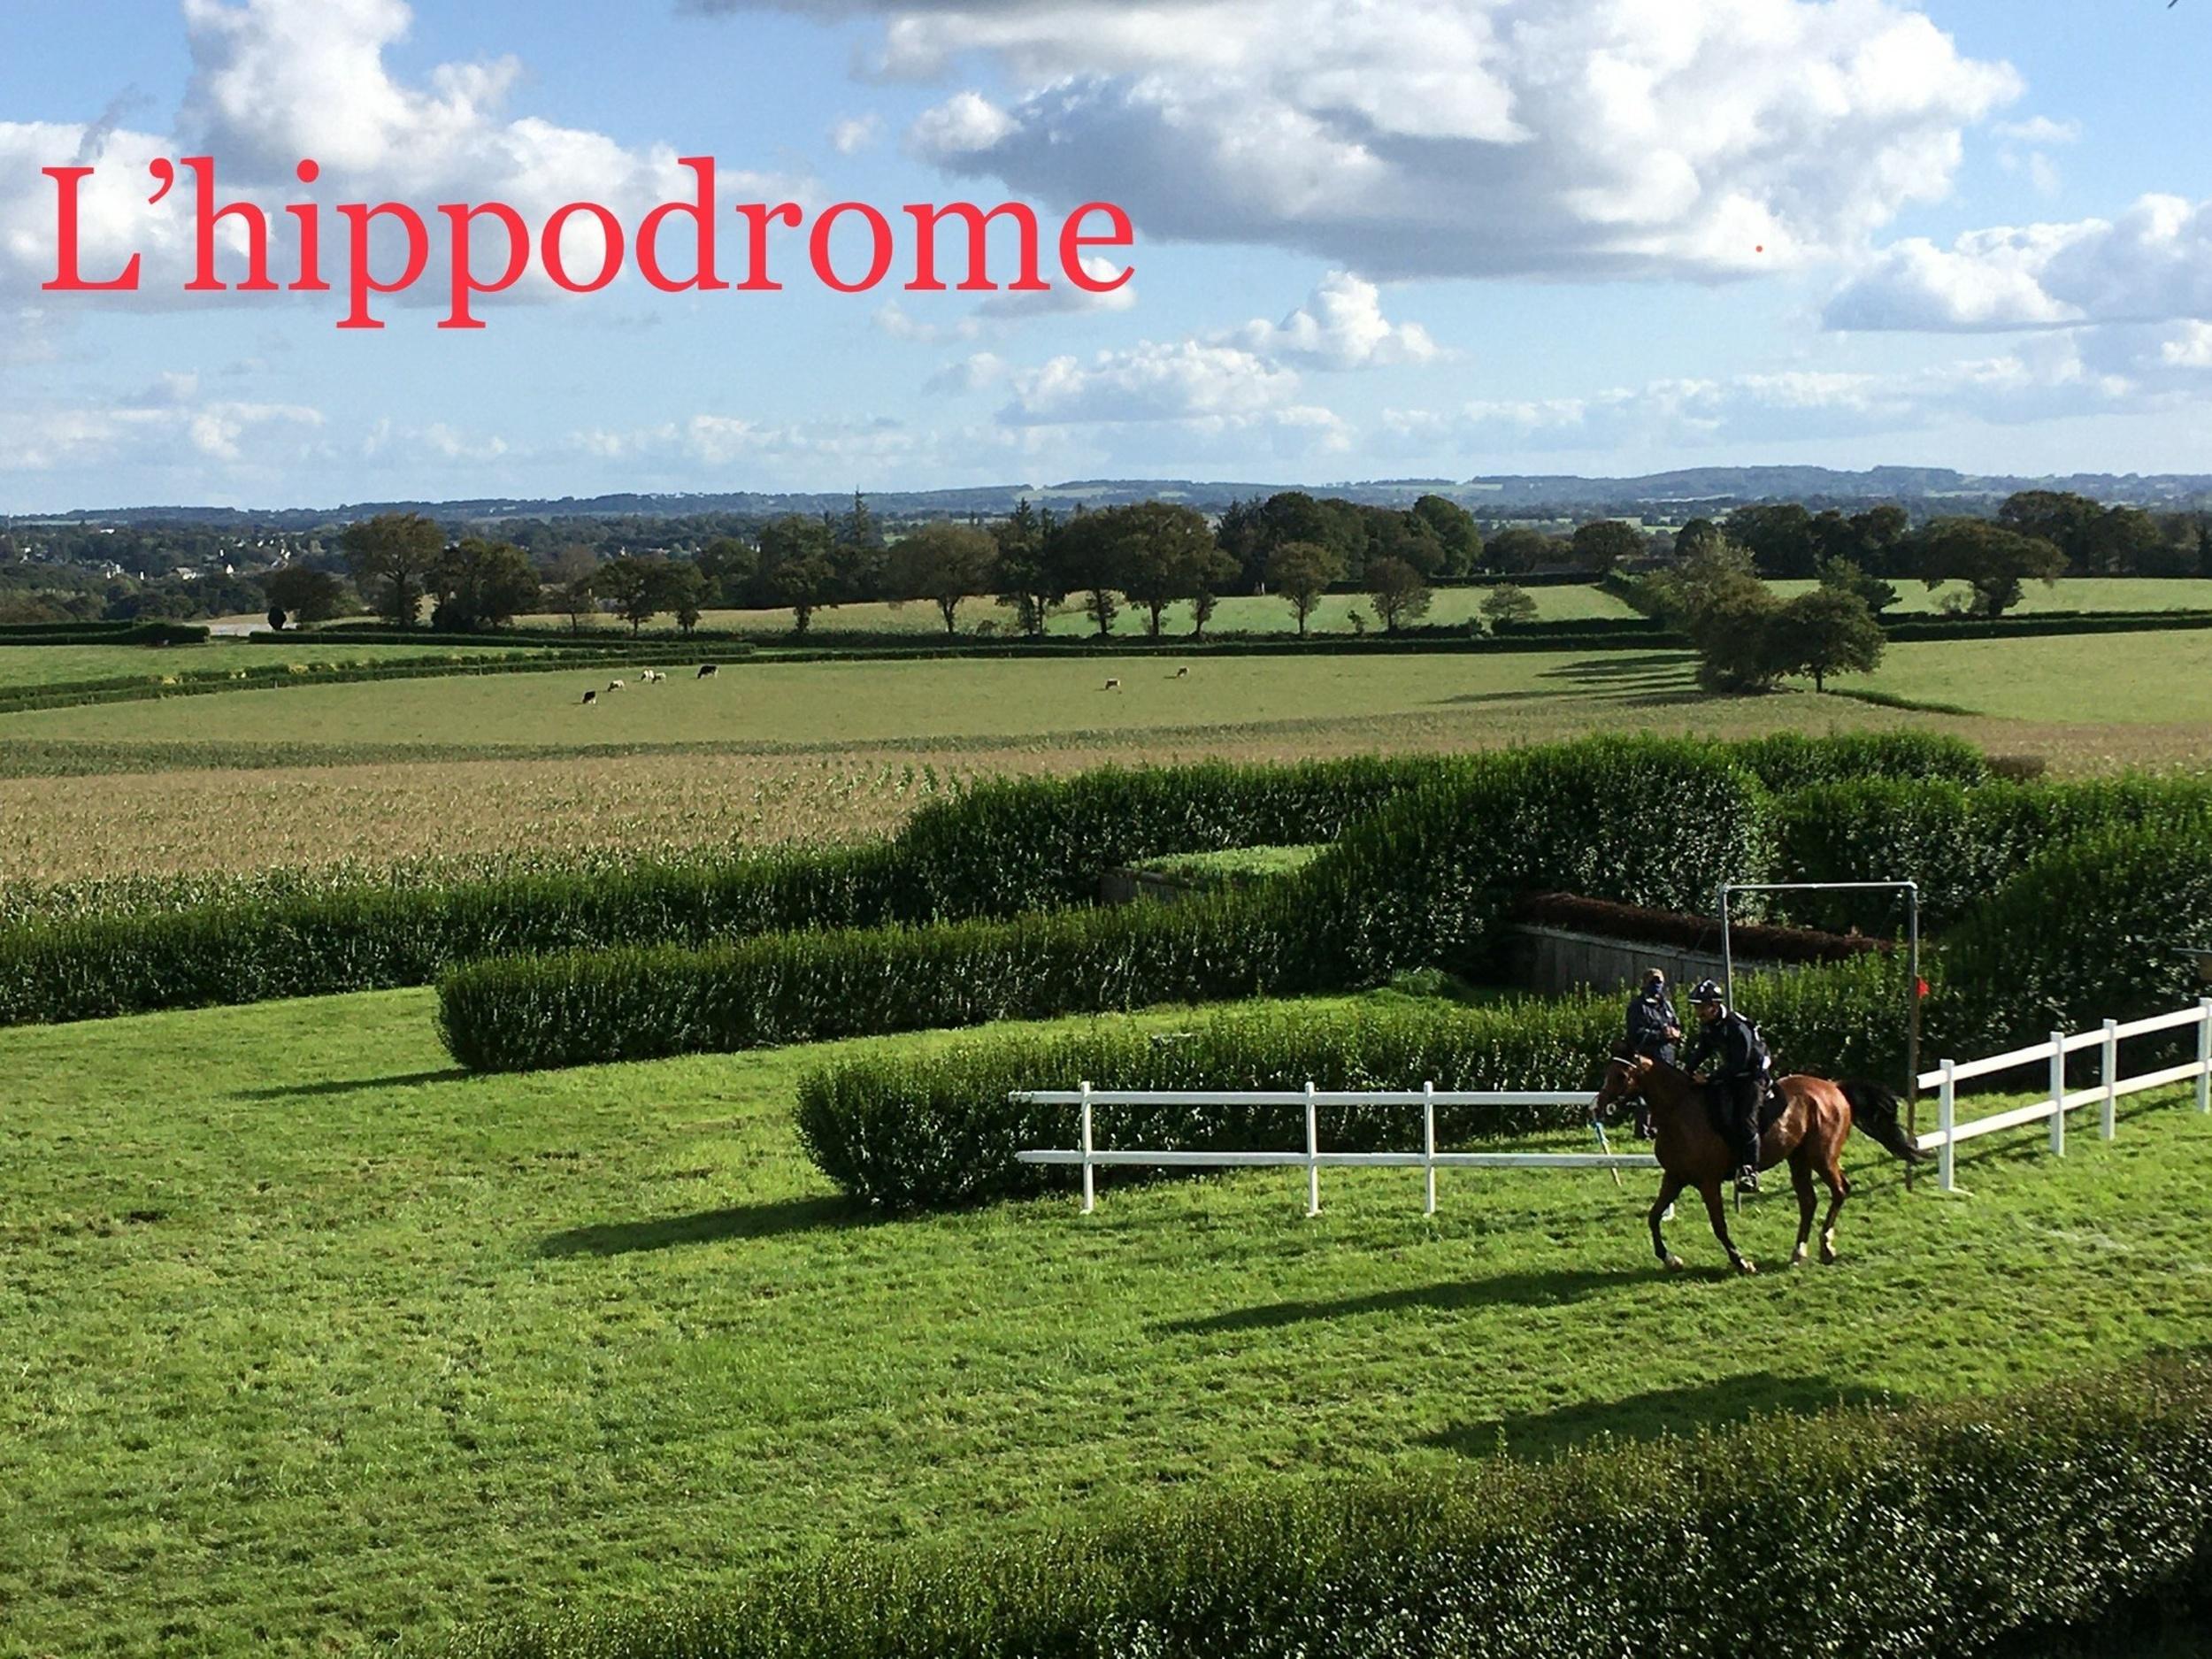 L''hippodrome